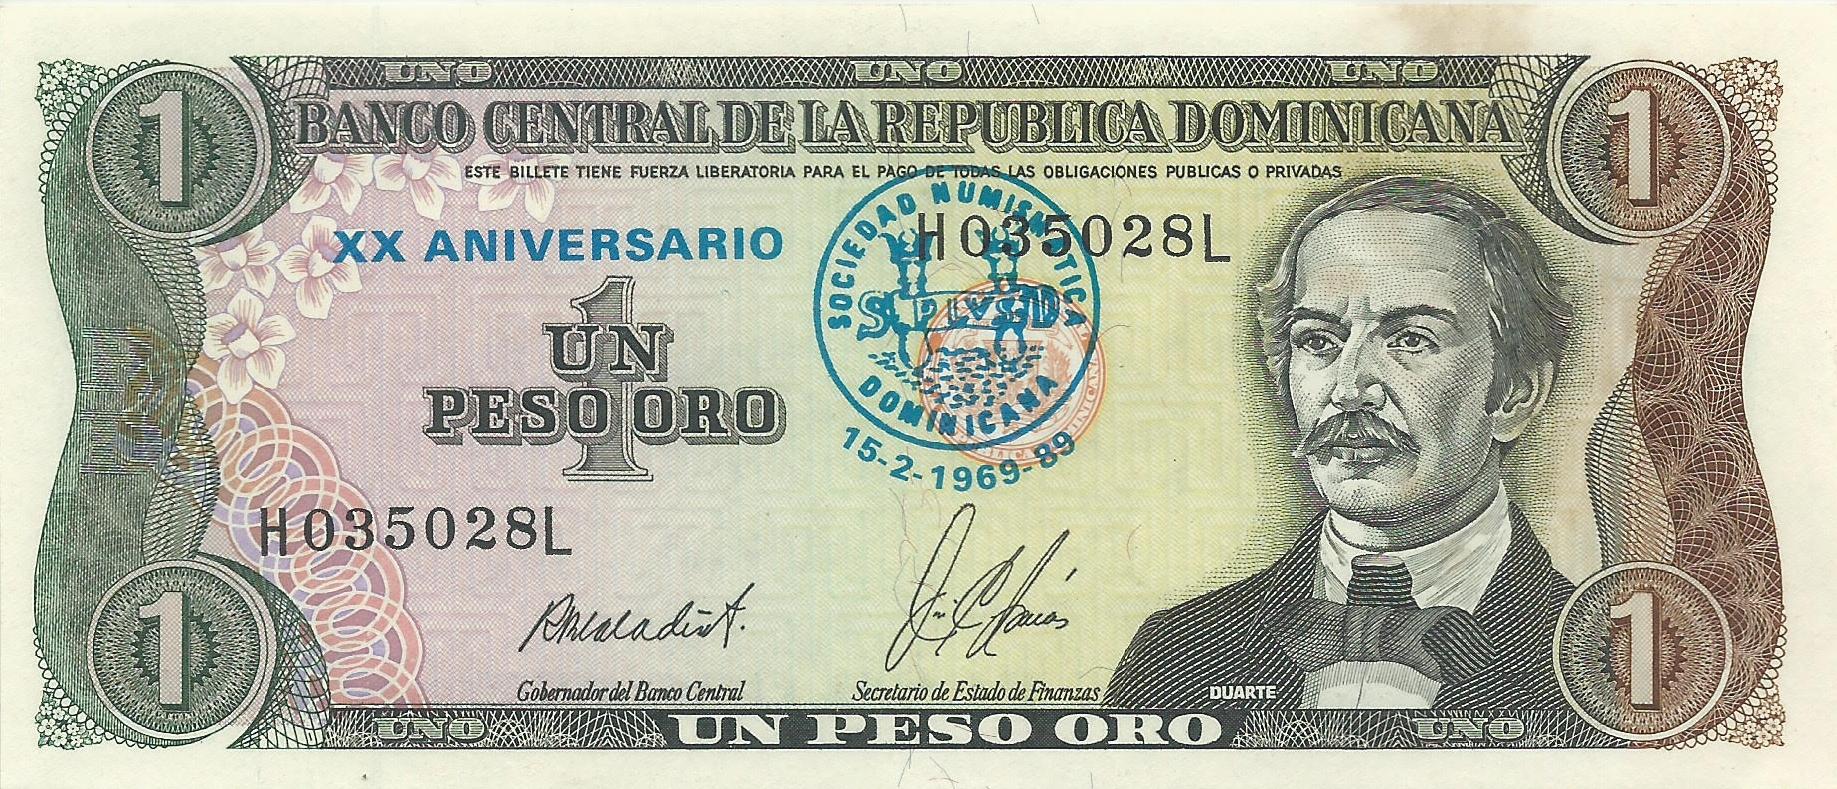 XX aniversario SND. Sobresellado sobre billete de 1 pesos 1879